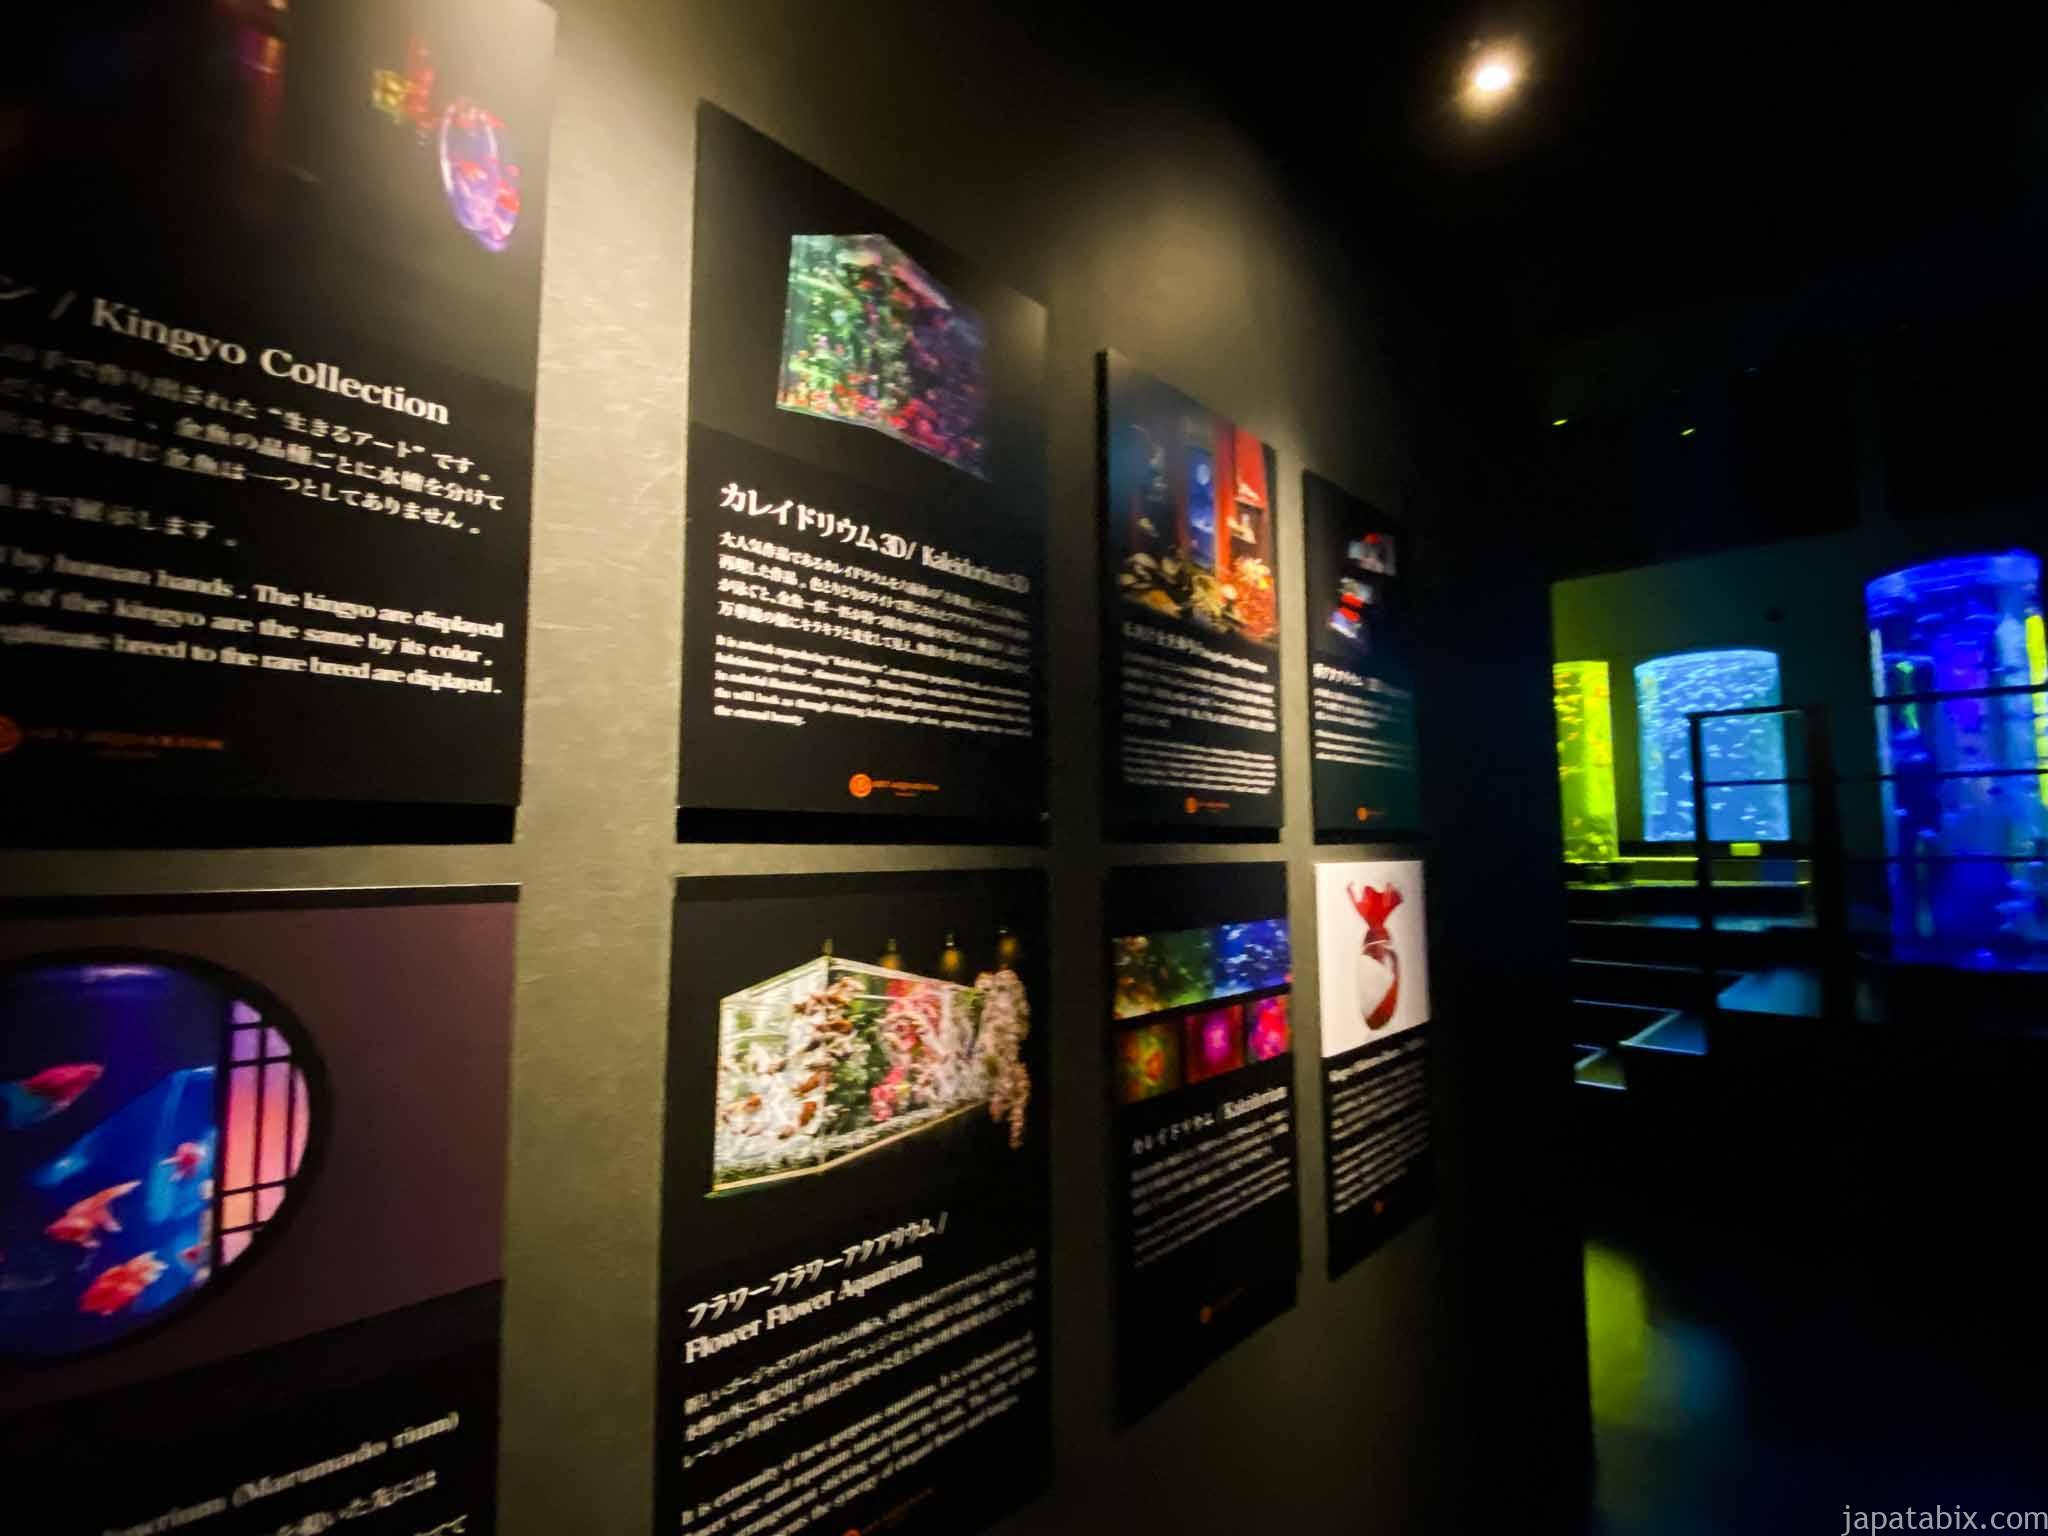 アートアクアリウム美術館 展示内容の説明